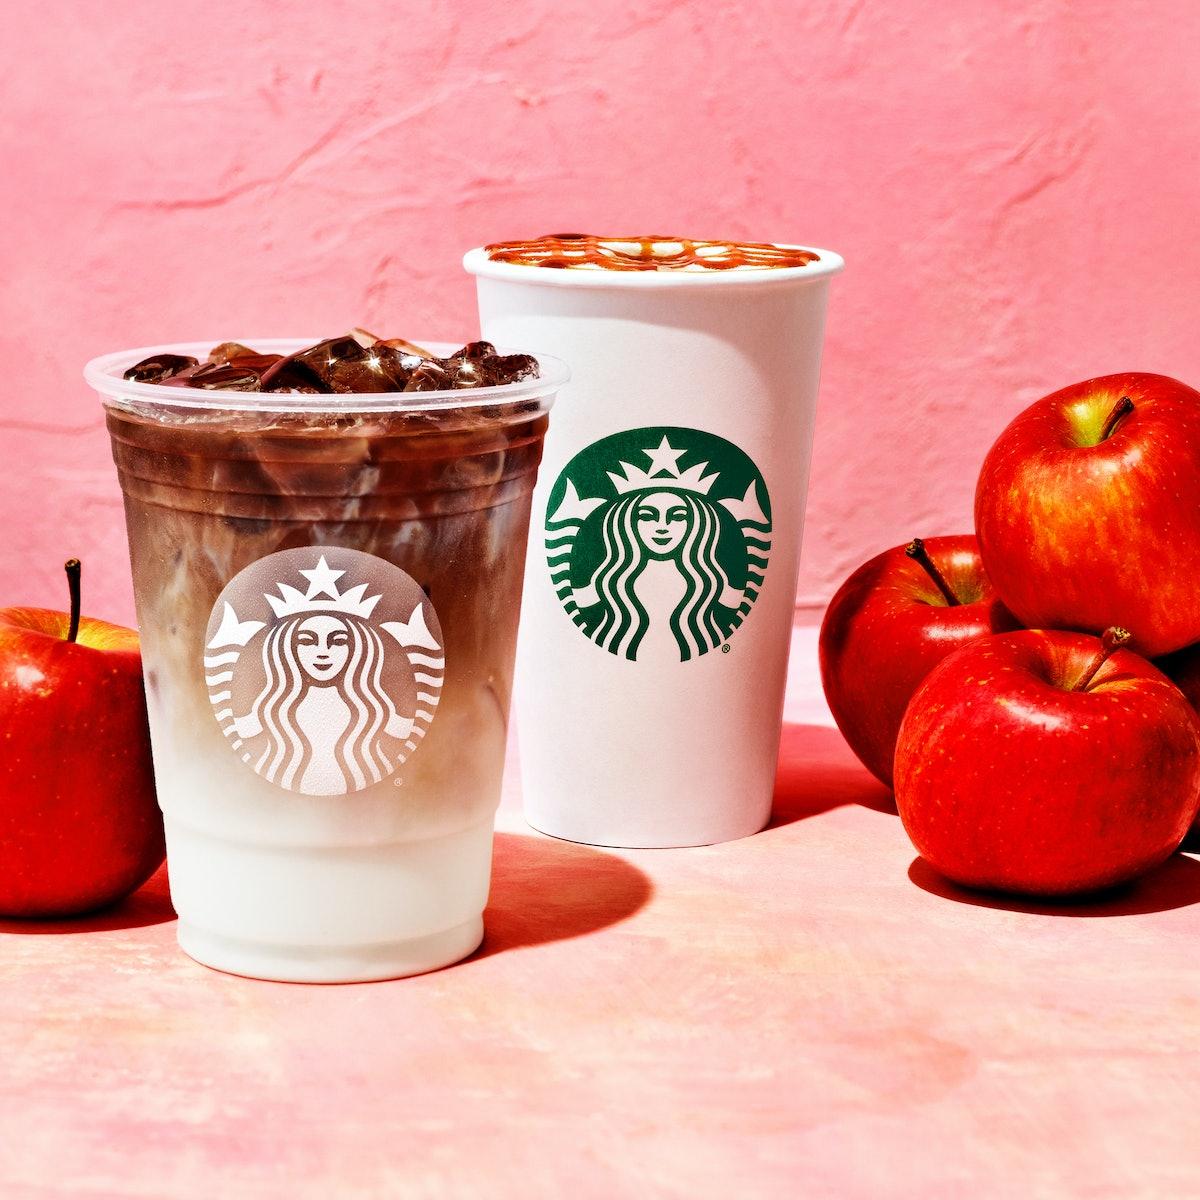 The caffeine in Starbucks' Apple Crisp Macchiato is a boost.